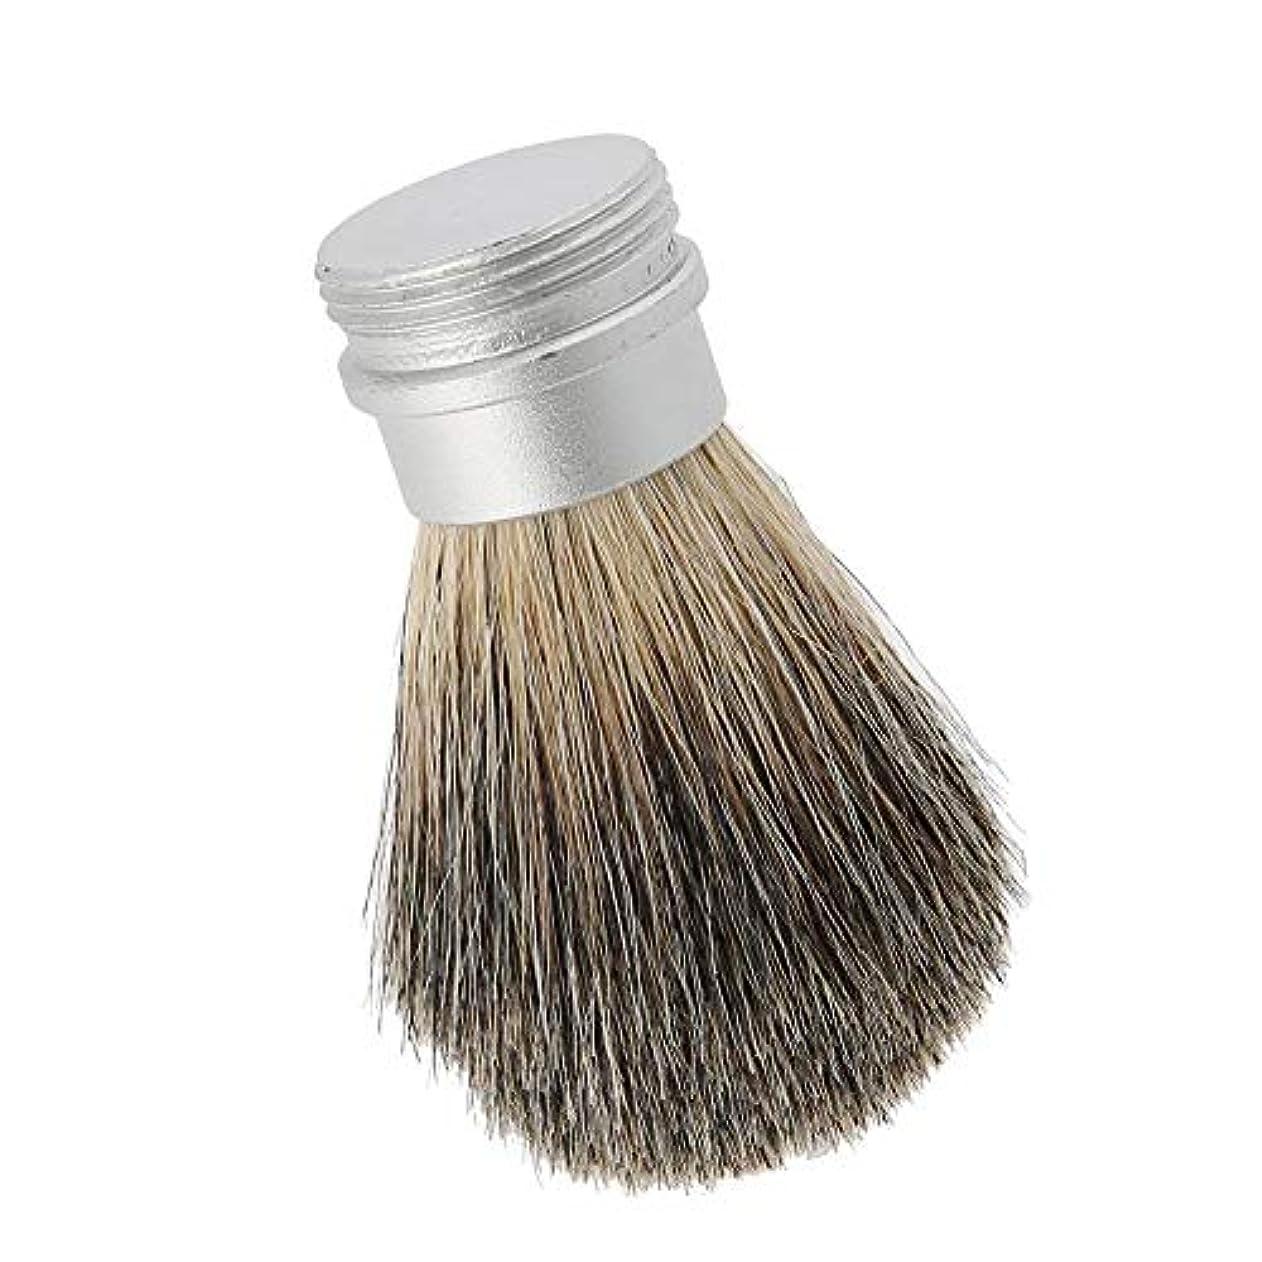 支配的選挙葉巻ひげブラシひげ剃りツールポータブルひげブラシ男性のための最高のヘアブラシ口ひげブラシ